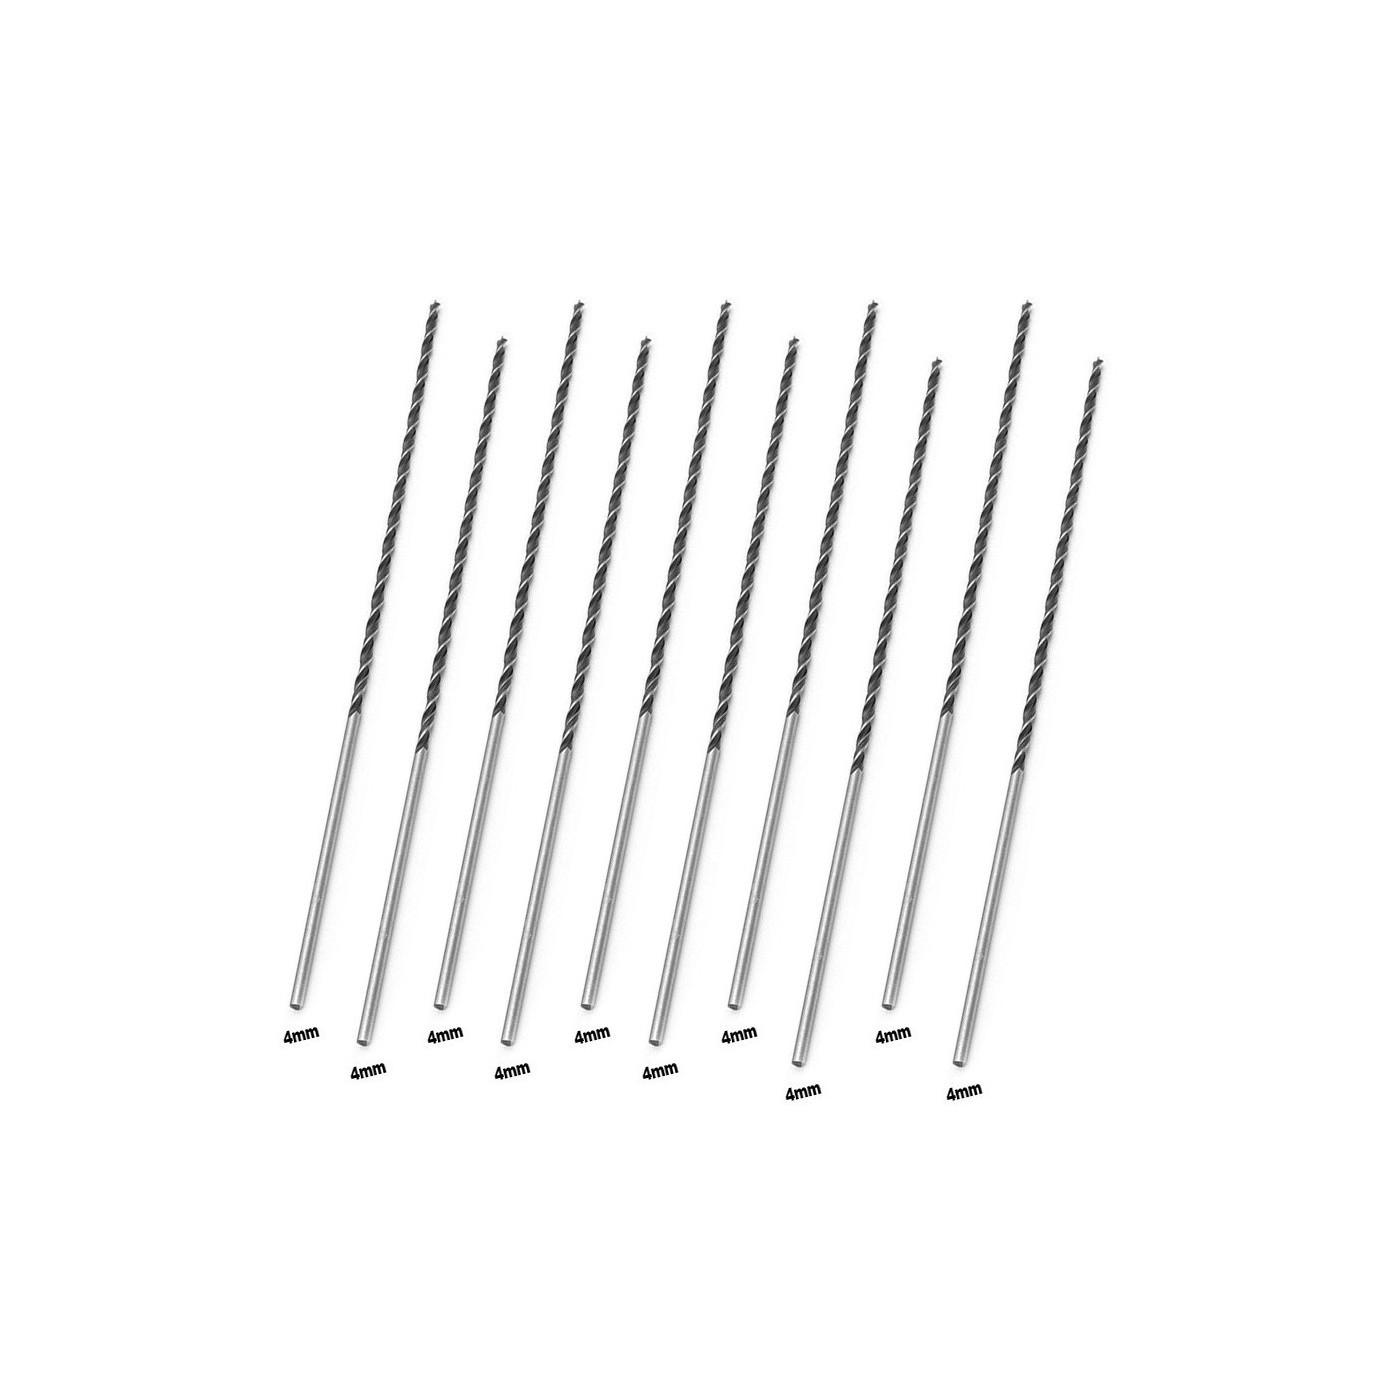 Conjunto de 10 brocas para madeira extra longas (4x300 mm)  - 1